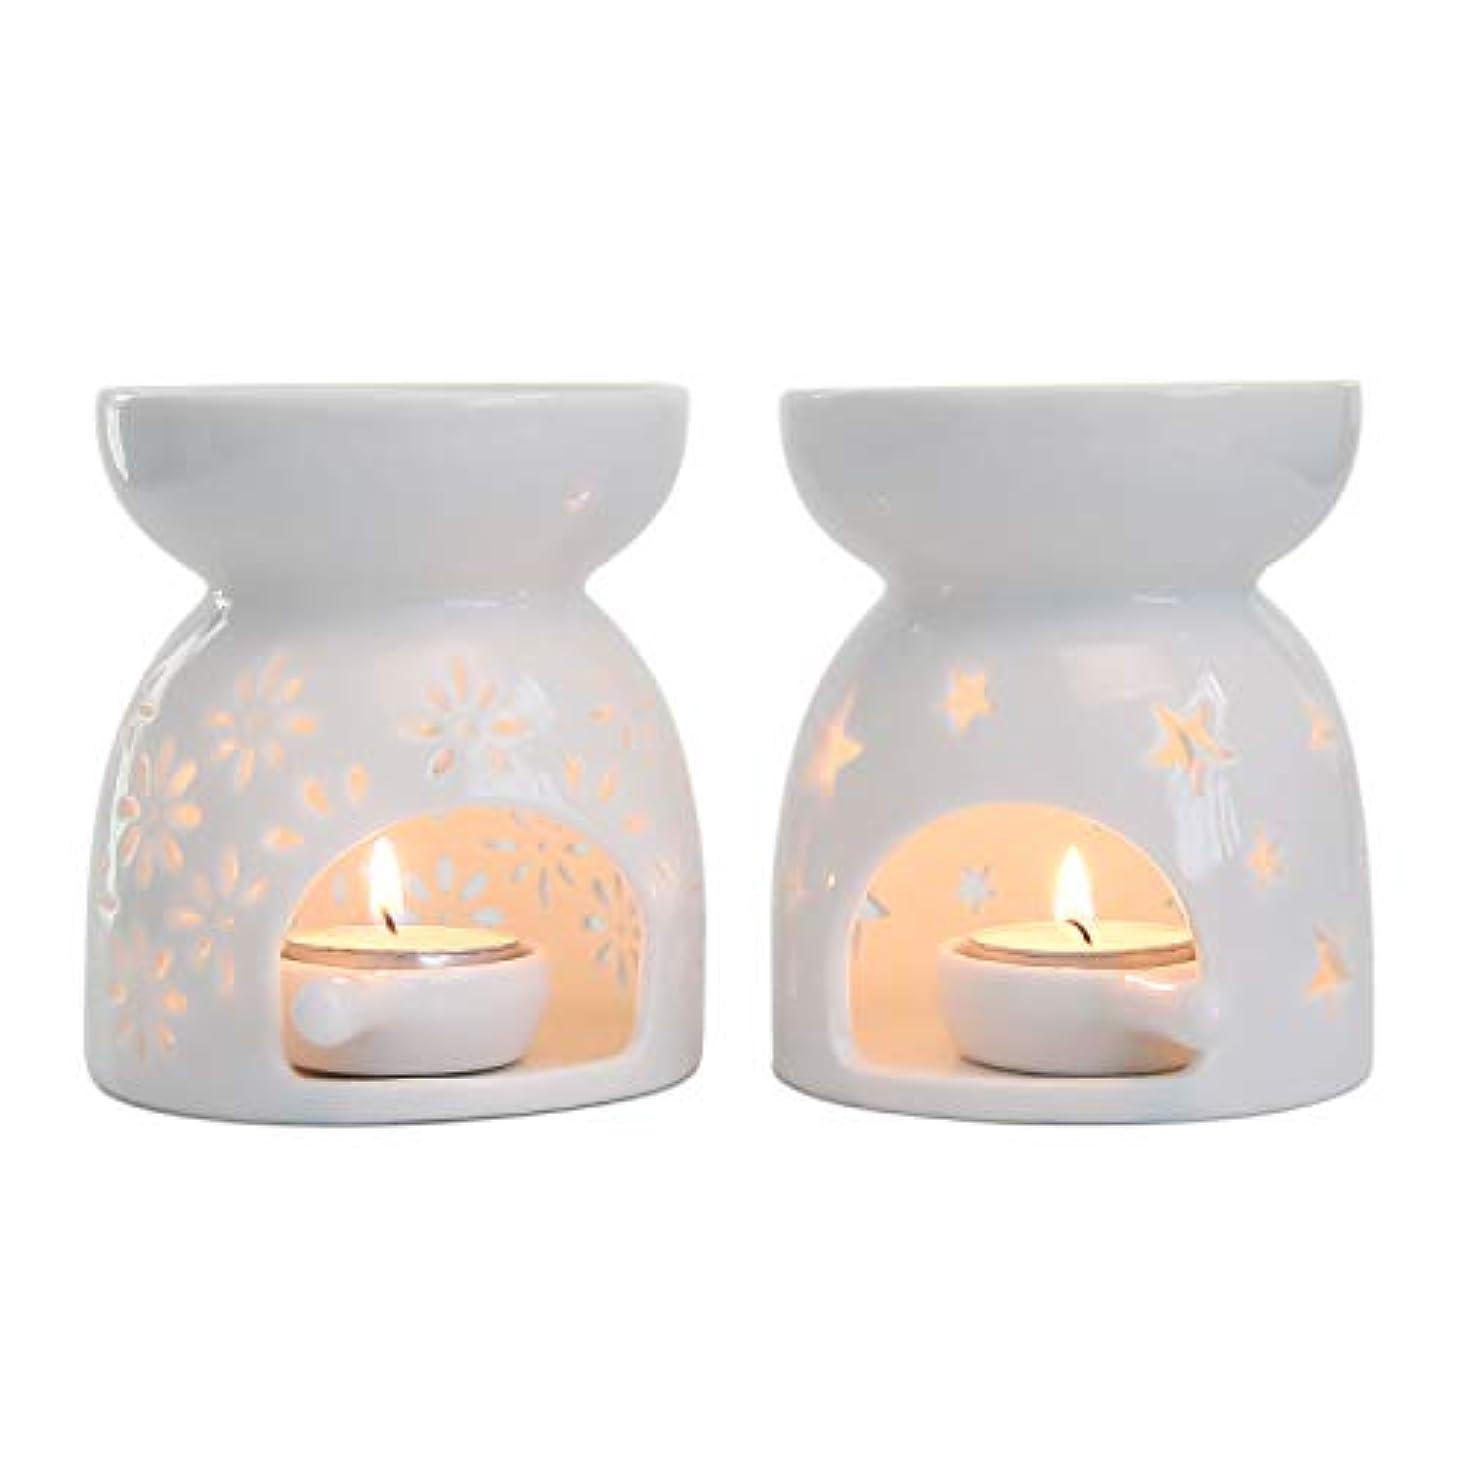 団結する維持するアセンブリRachel's Choice 陶製 アロマ ランプ ディフューザー アロマキャンドル キャンドルホルダー 花形&星形 ホワイト 2点セット